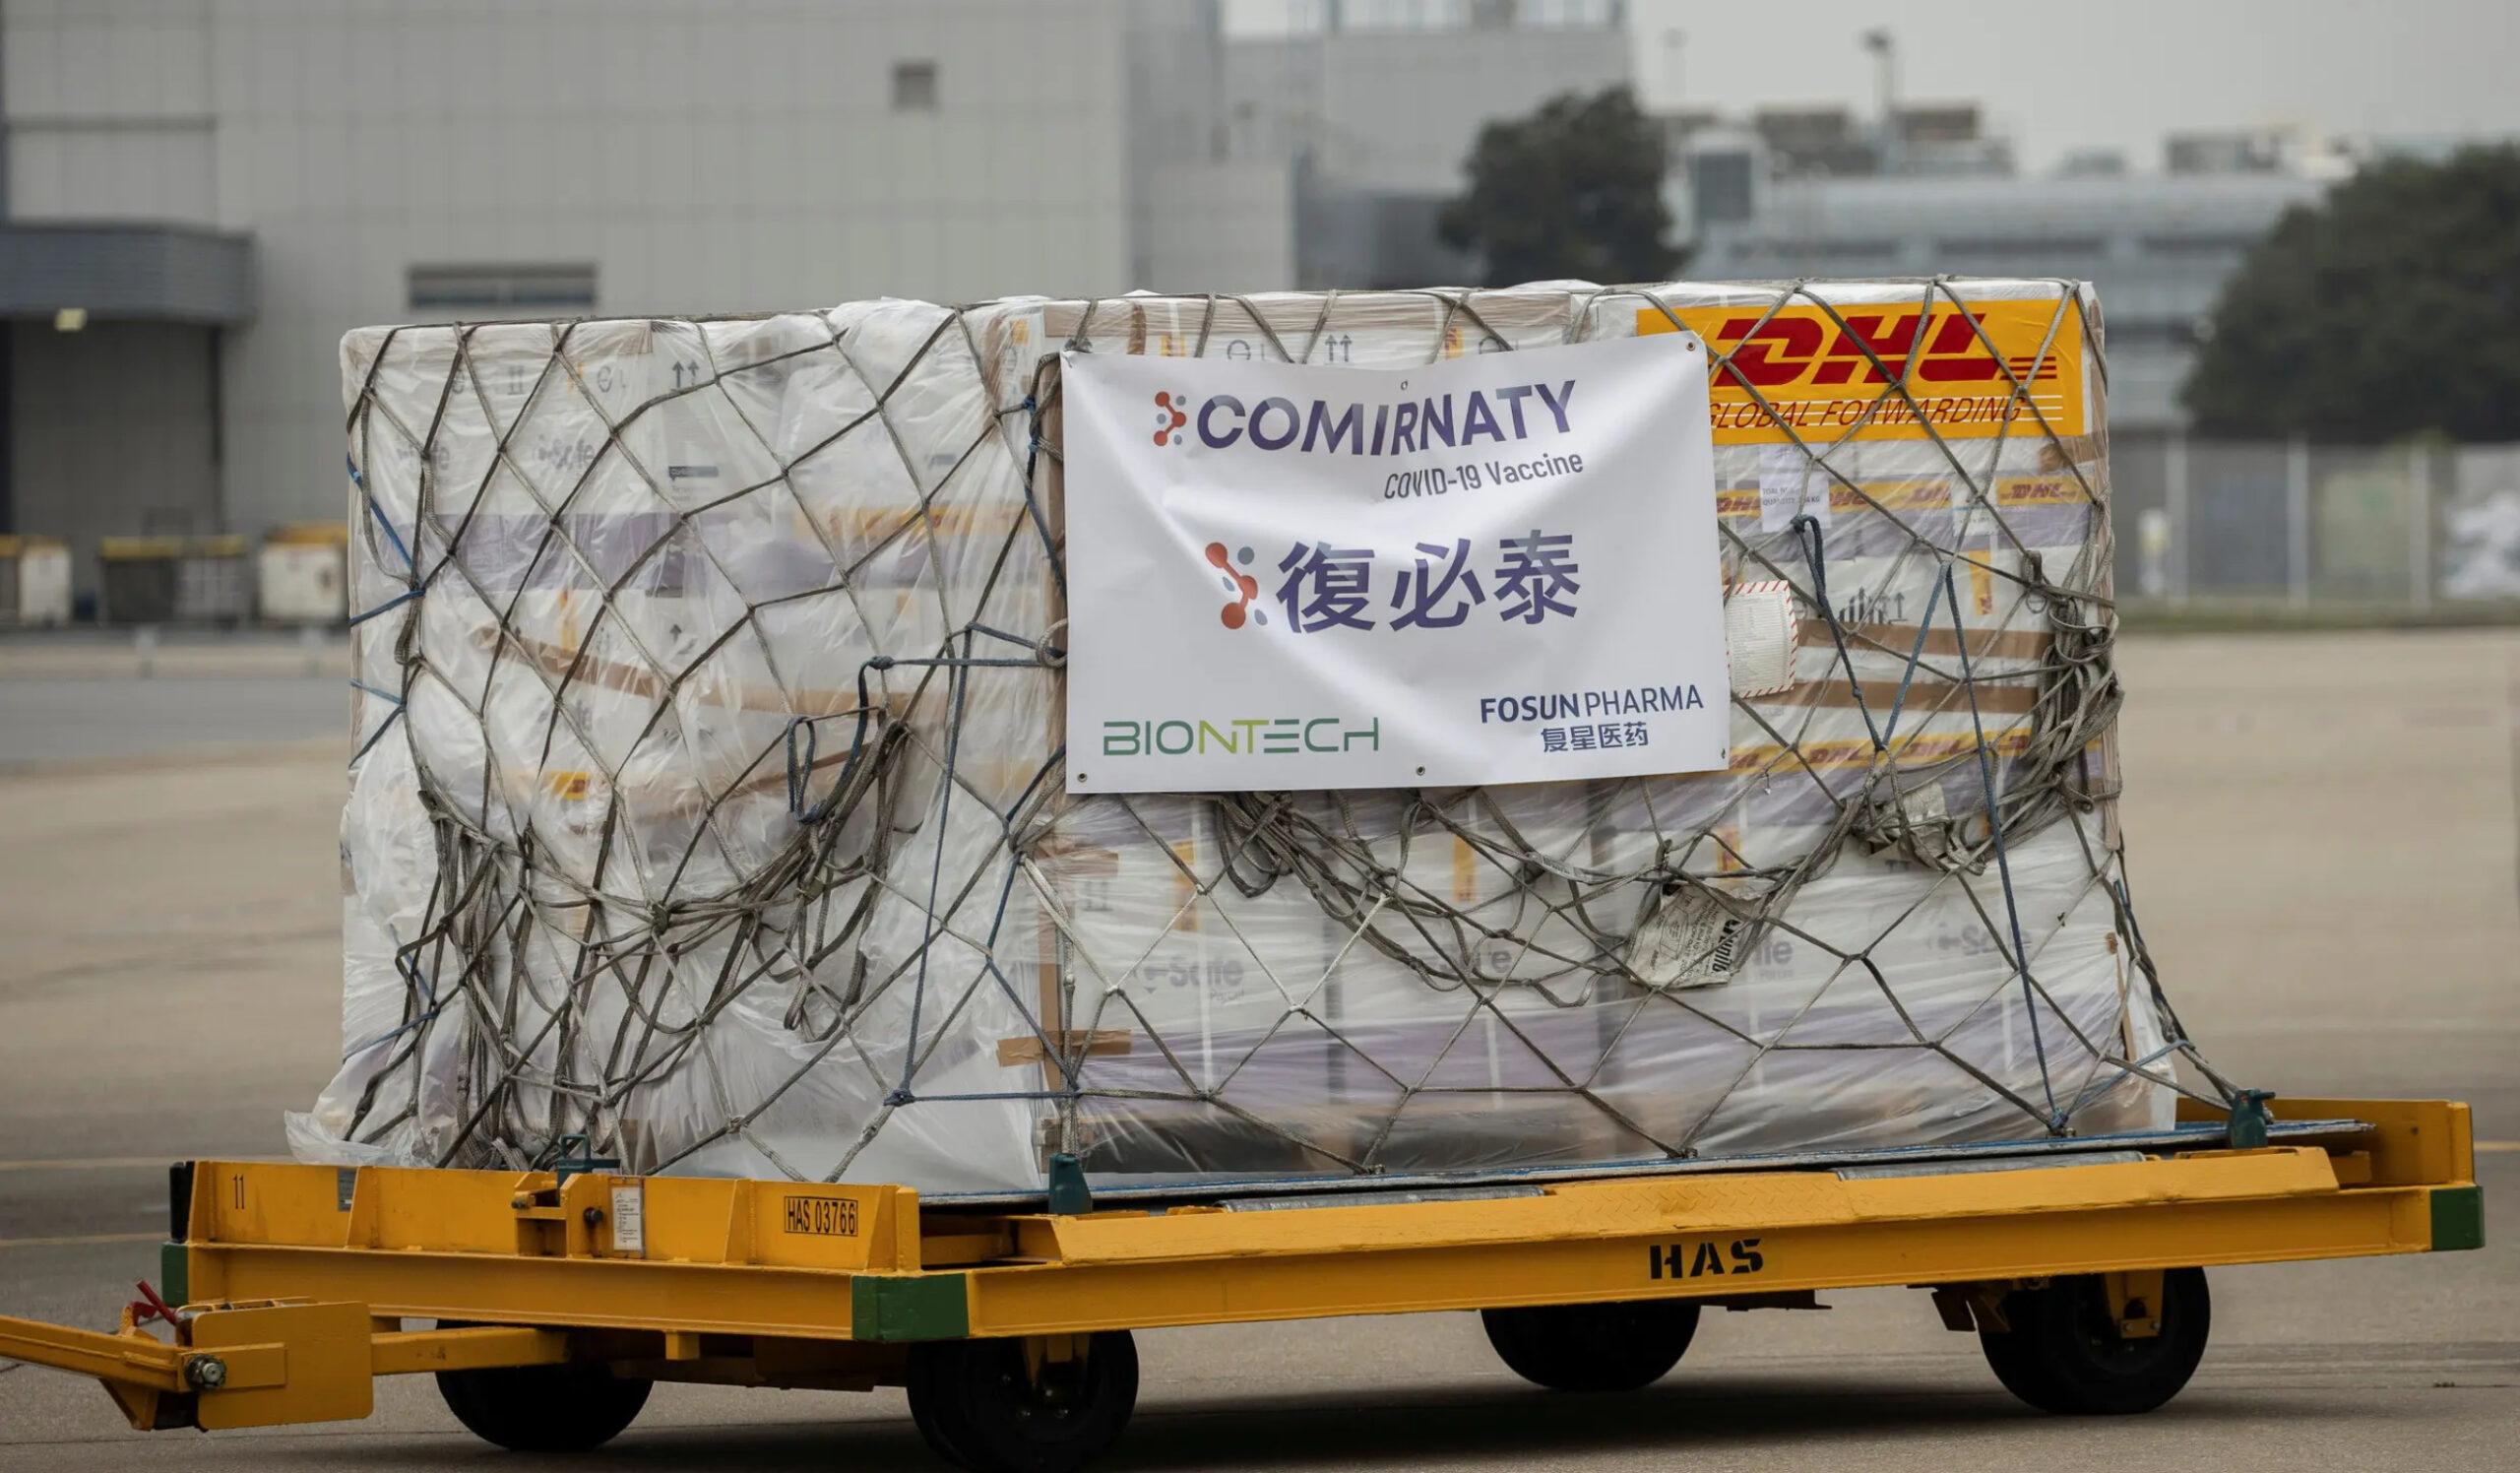 لماذا ستضطر هونغ كونغ إلى التخلص من لقاحات مضادة لكورونا